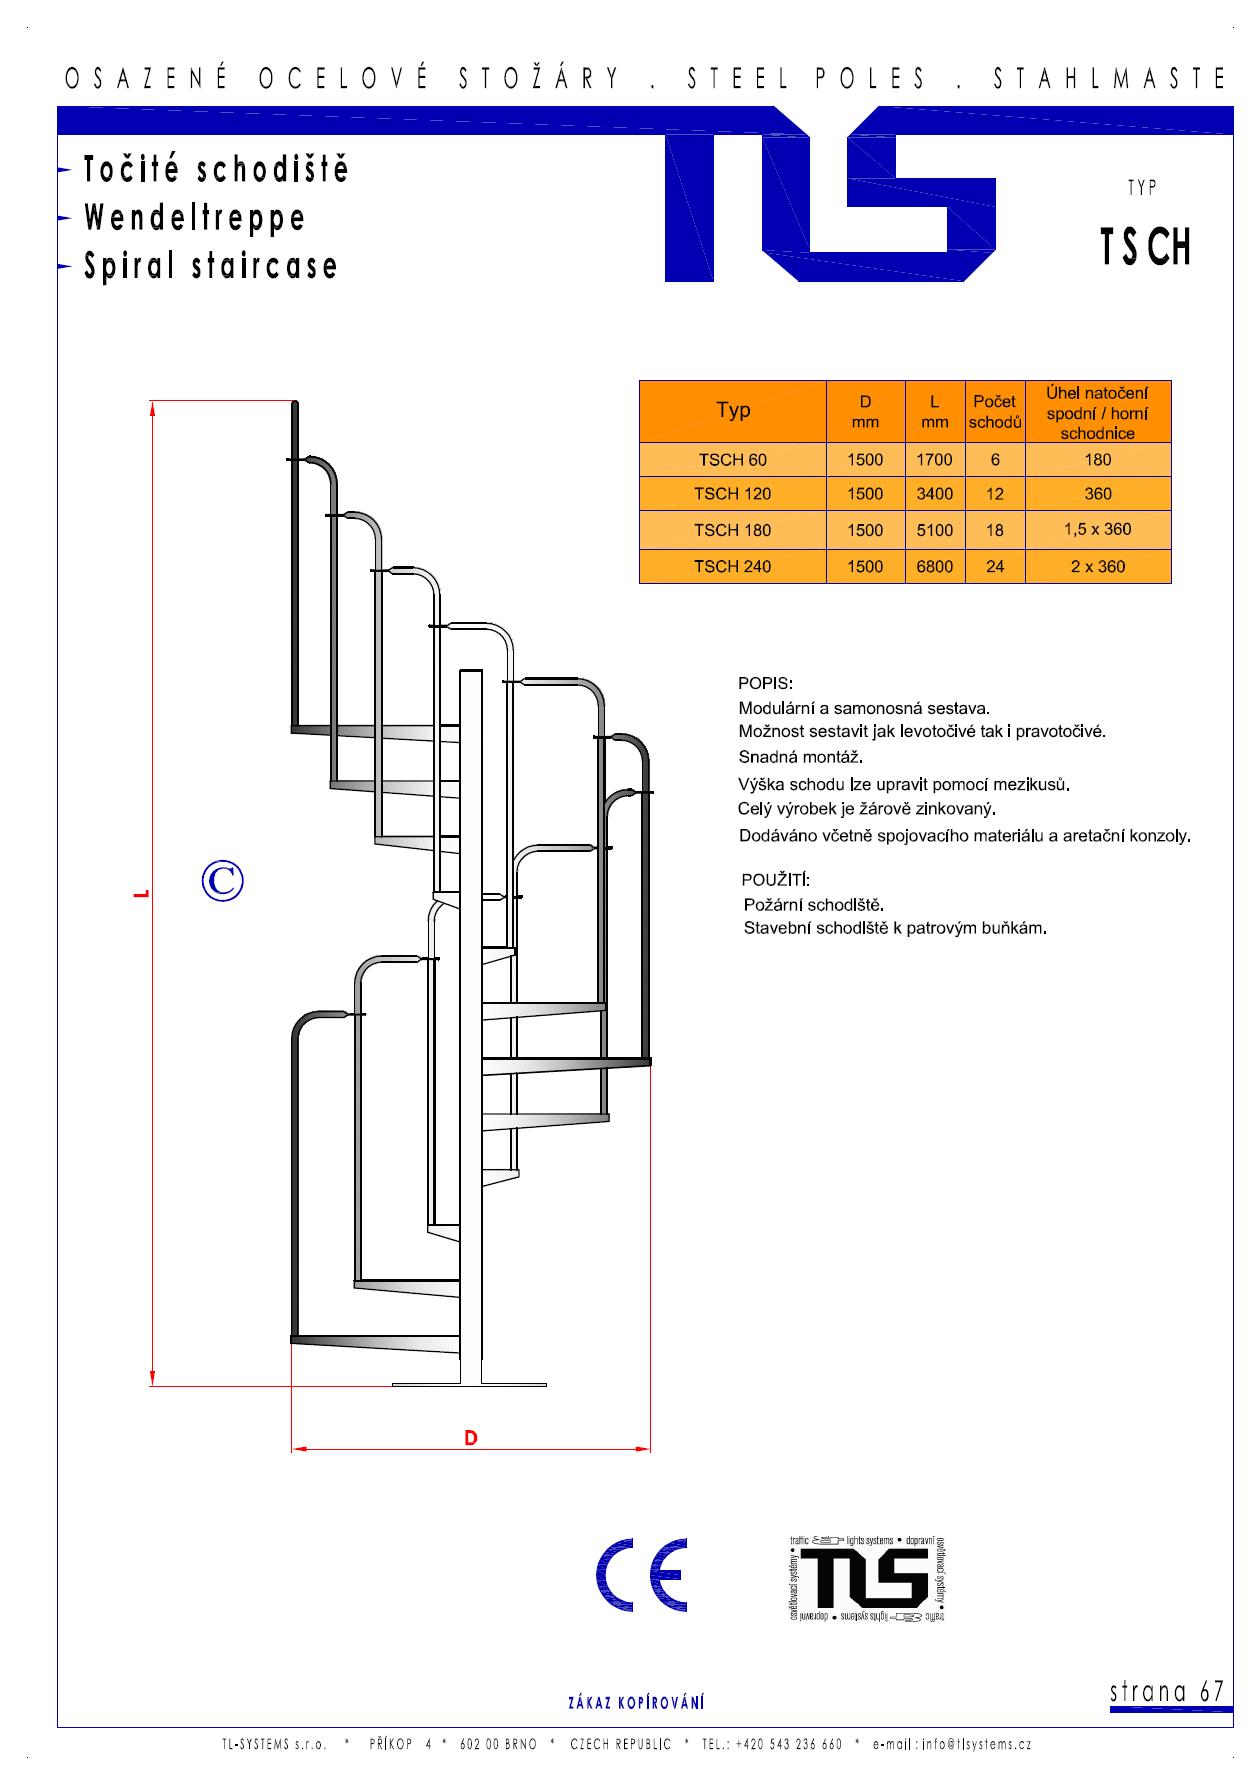 Katalogový list - točité schodiště typu TSCH